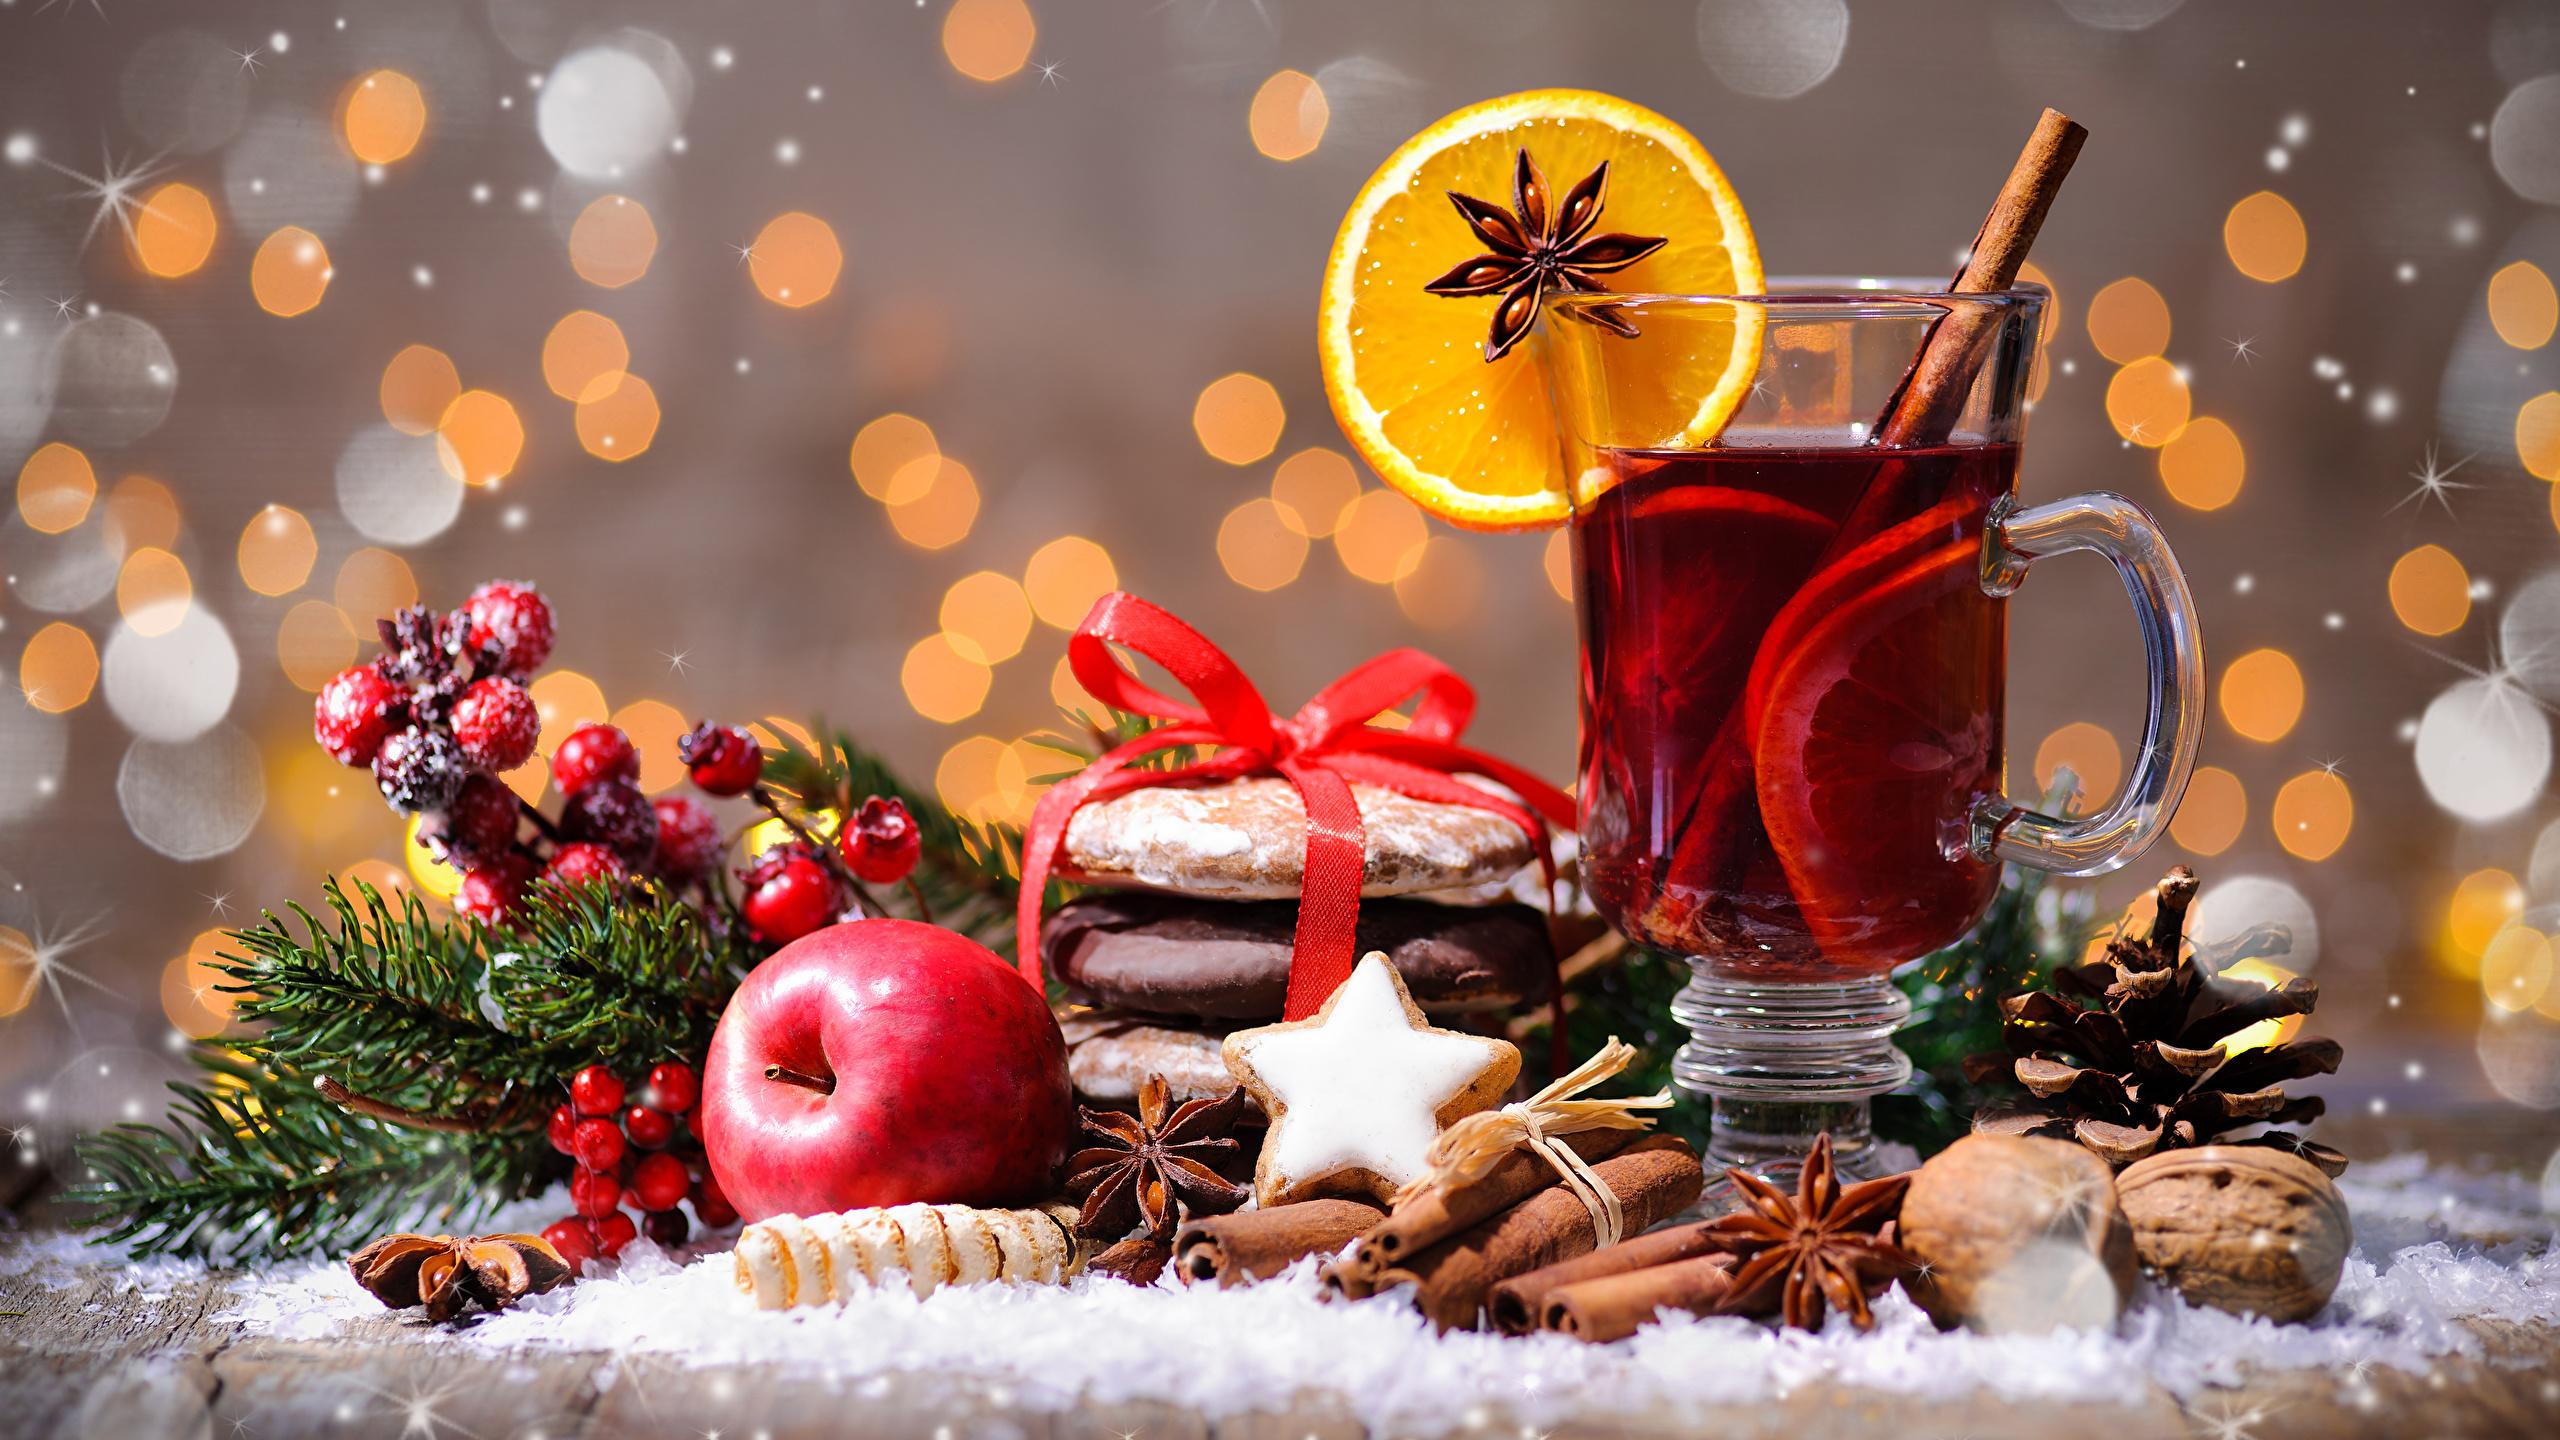 Фото Новый год Чай Бадьян звезда аниса Корица Яблоки стакана Еда чашке Печенье Орехи 2560x1440 Рождество Стакан стакане Пища Чашка Продукты питания